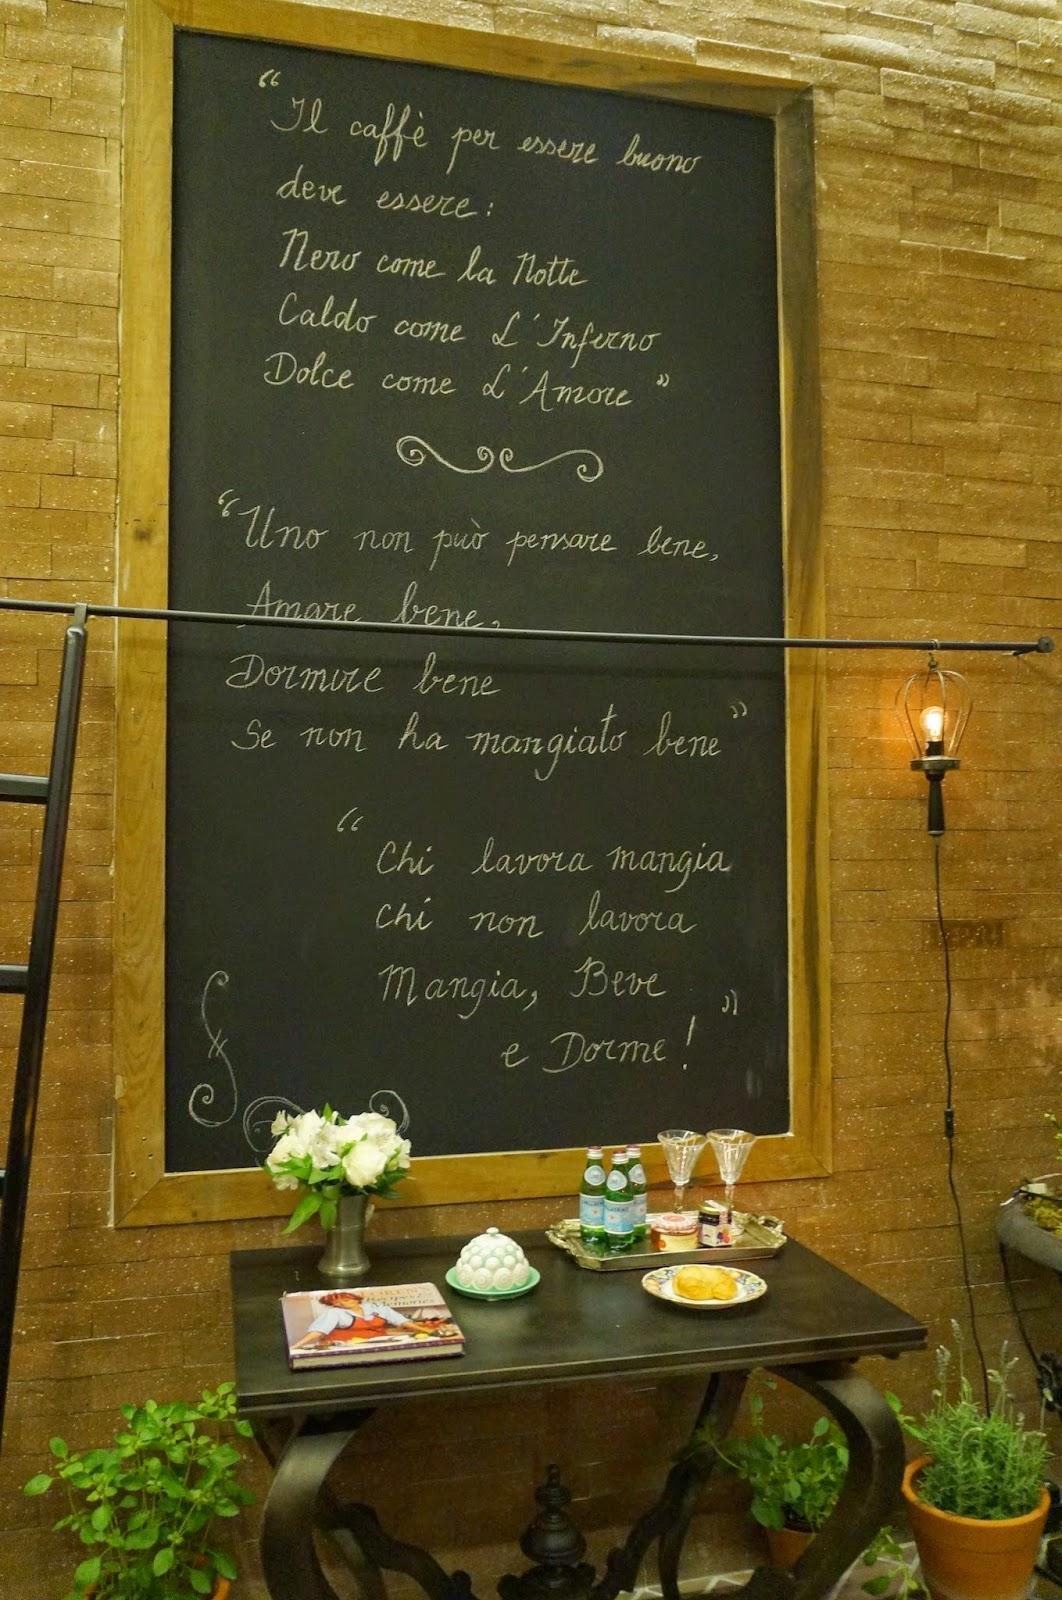 Quadro negro na cozinha para anotar recados - Casa Cor SP 2014